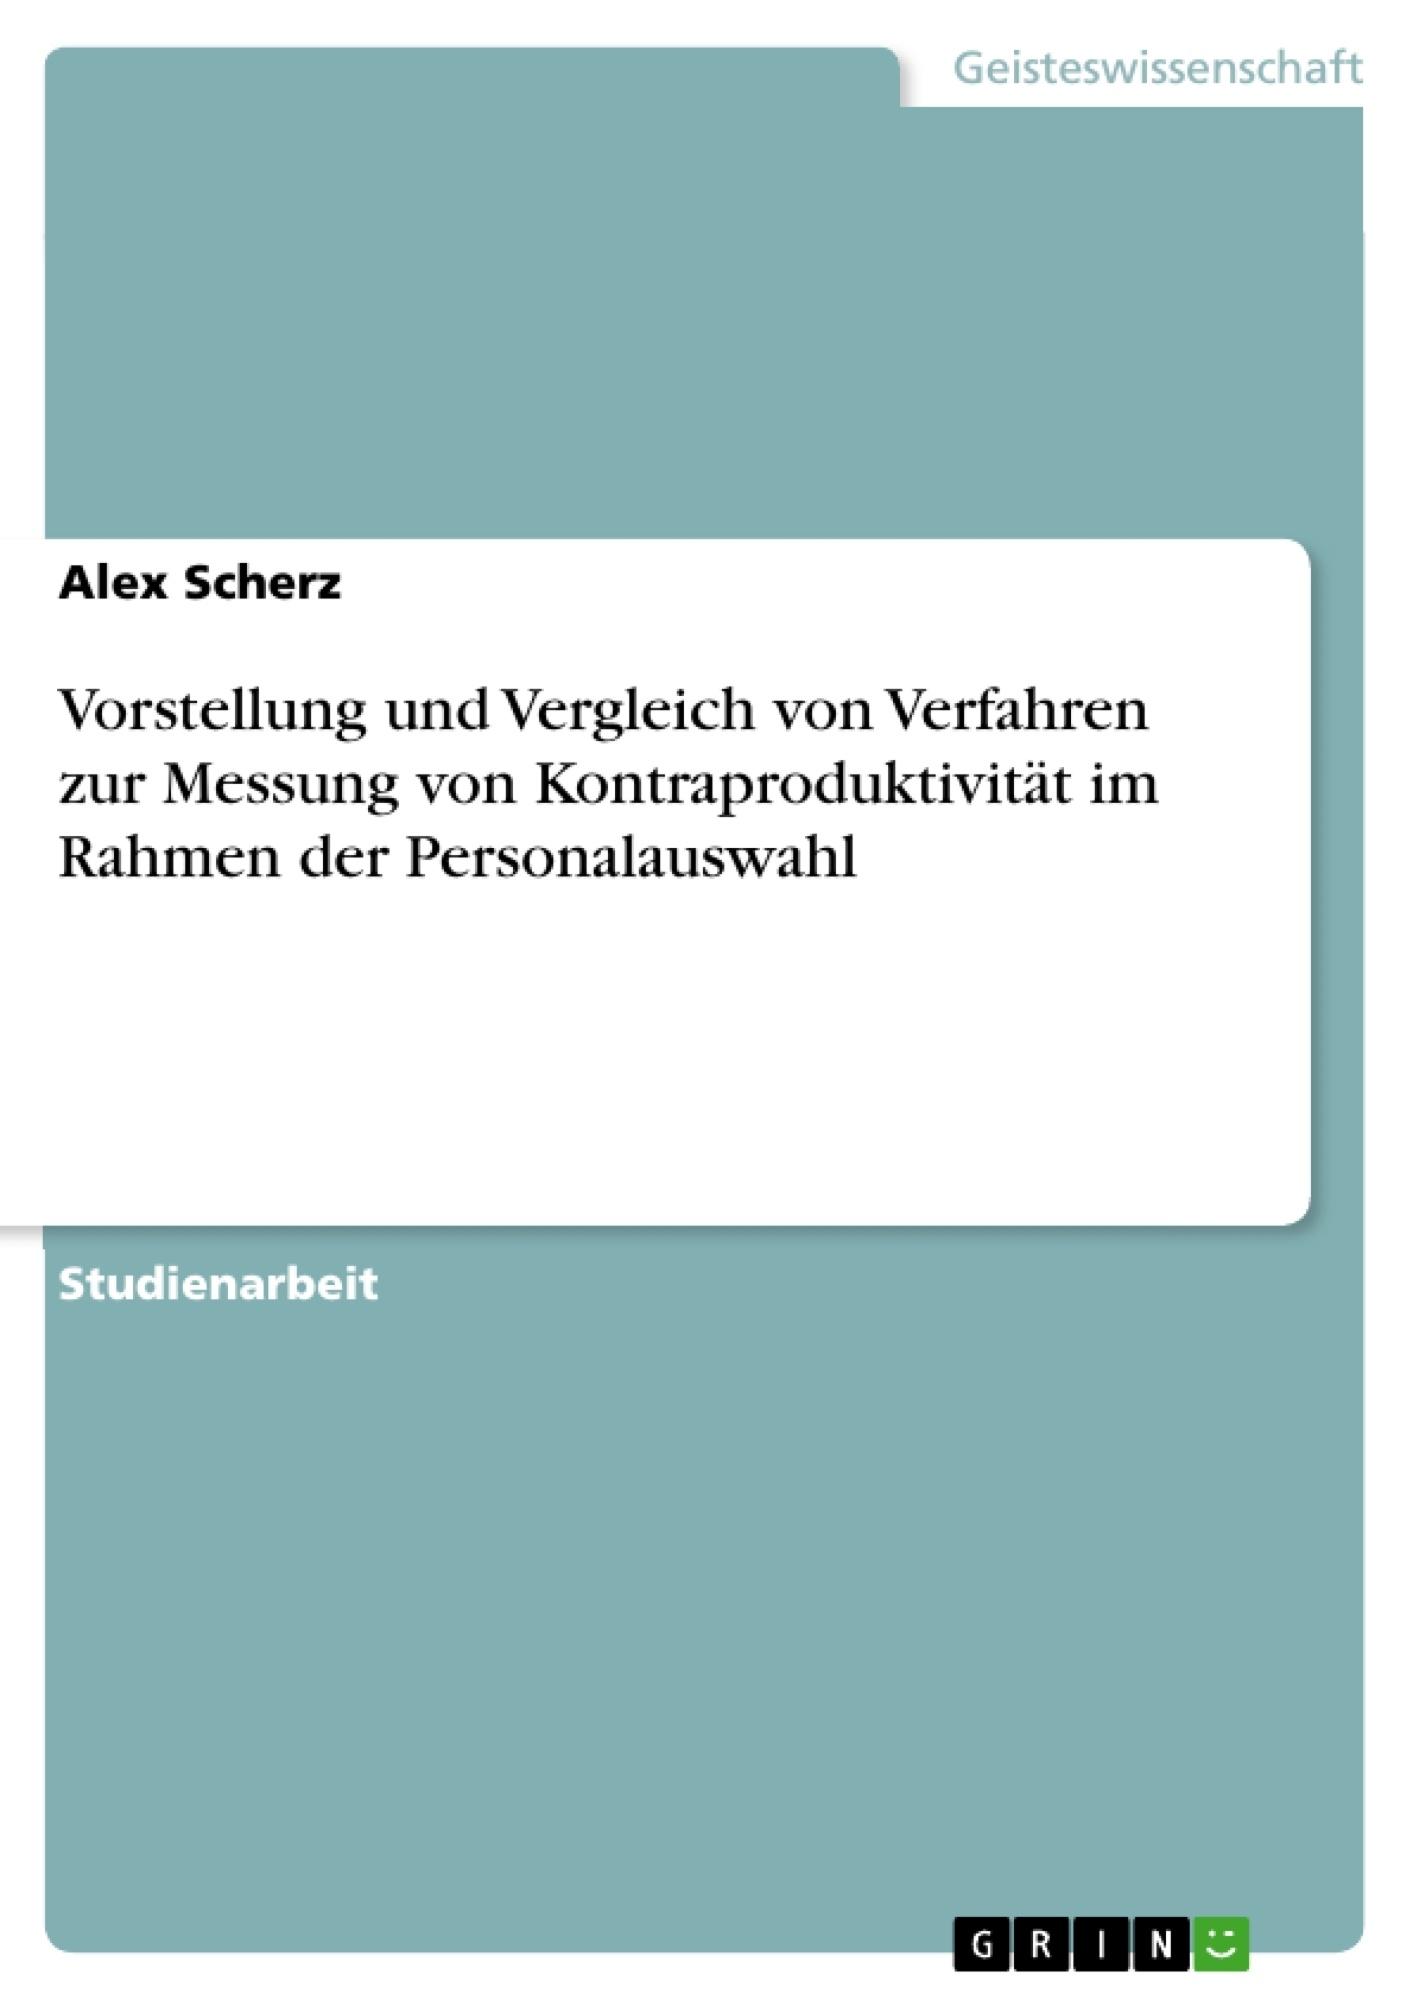 Titel: Vorstellung und Vergleich von Verfahren zur Messung von Kontraproduktivität im Rahmen der Personalauswahl